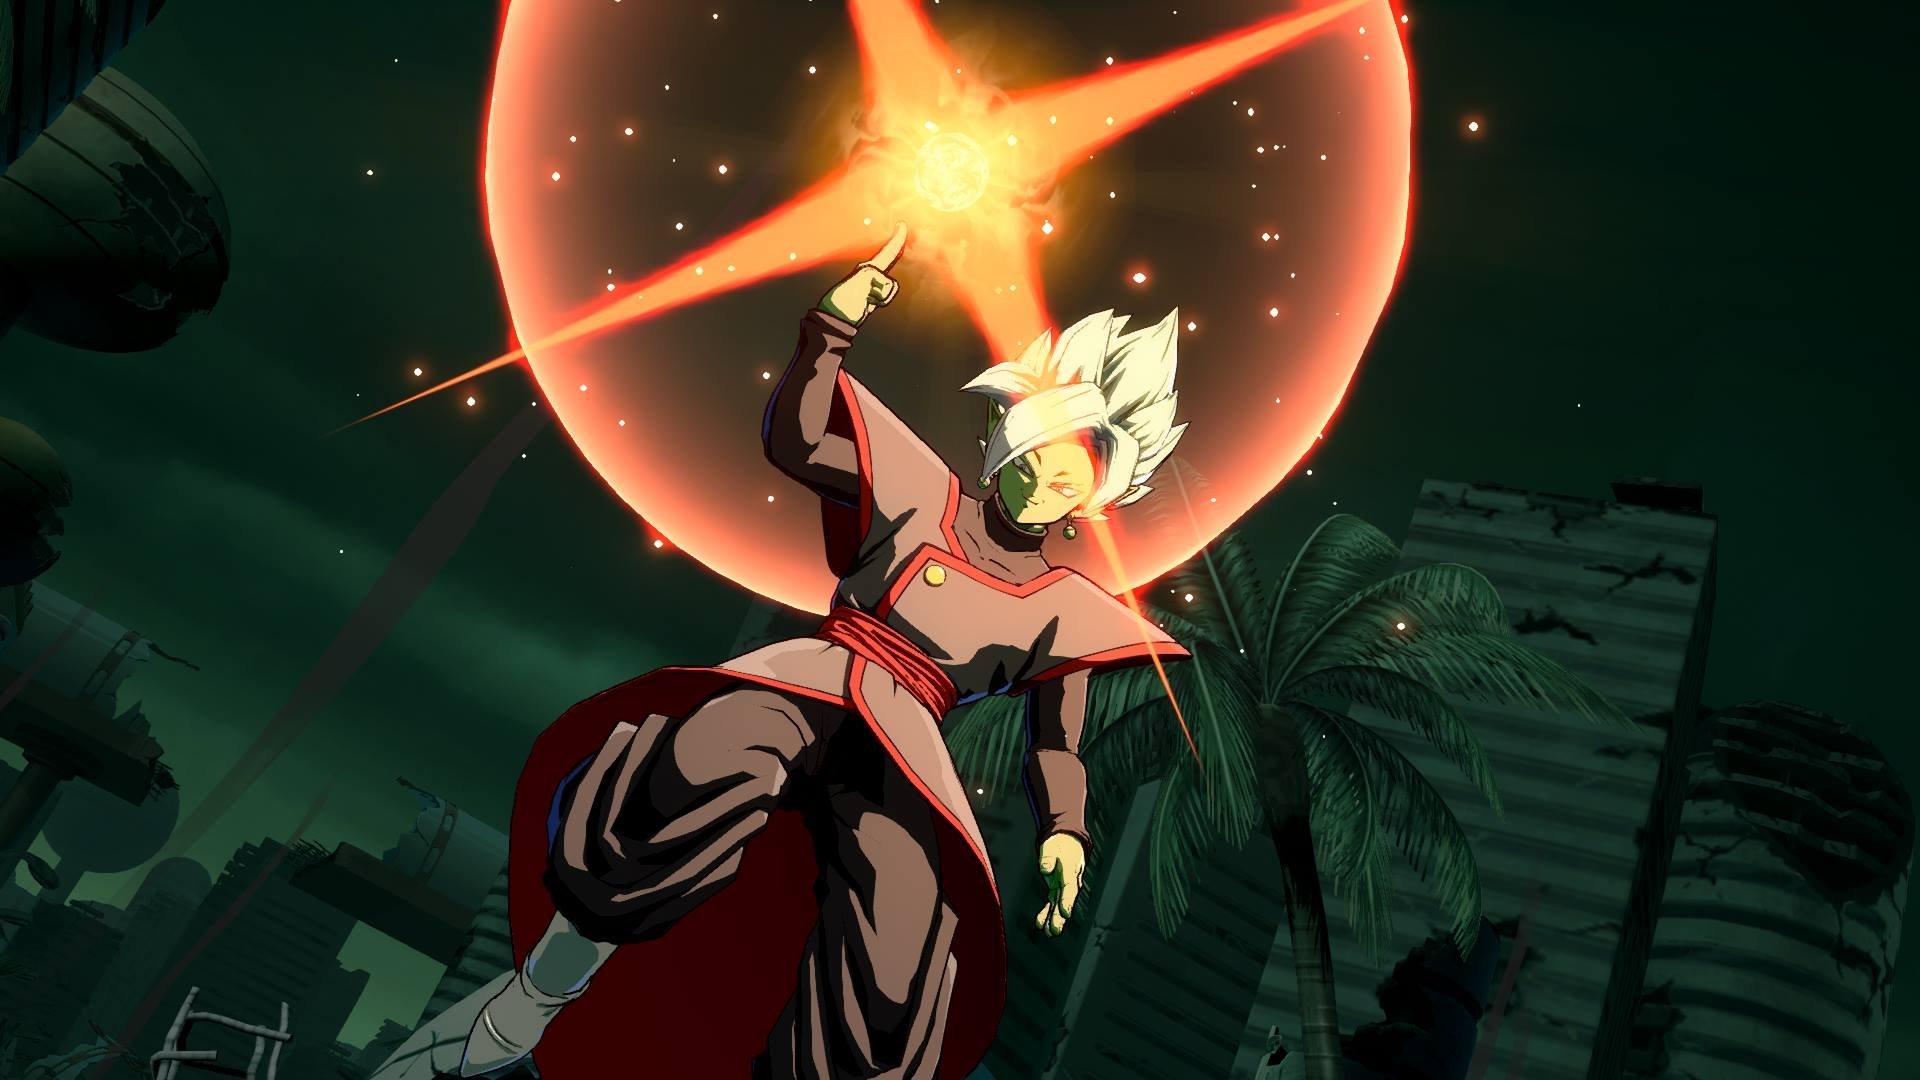 mira-las-nuevas-imagenes4-de-zamasu-fusionado-en-dragon-ball-fighter-z-frikigamers.com